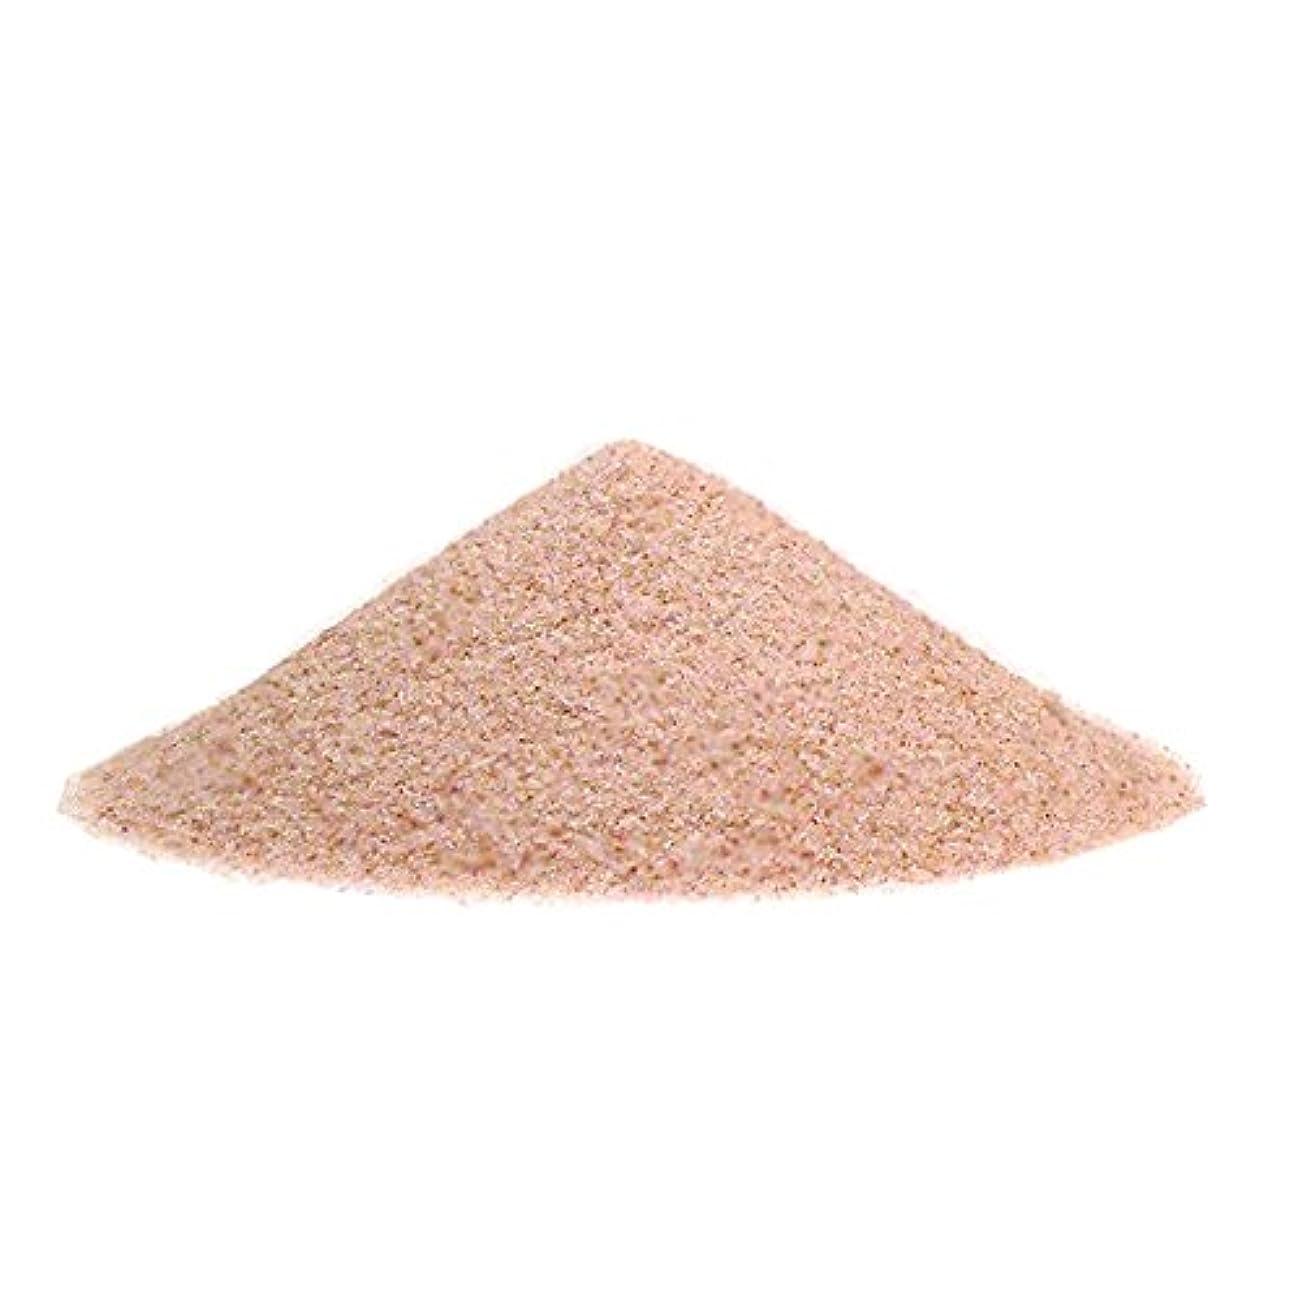 するだろう冗談で一ヒマラヤ岩塩 ピンクソルト 入浴用 バスソルト(微粒パウダー)5kg ピンク岩塩